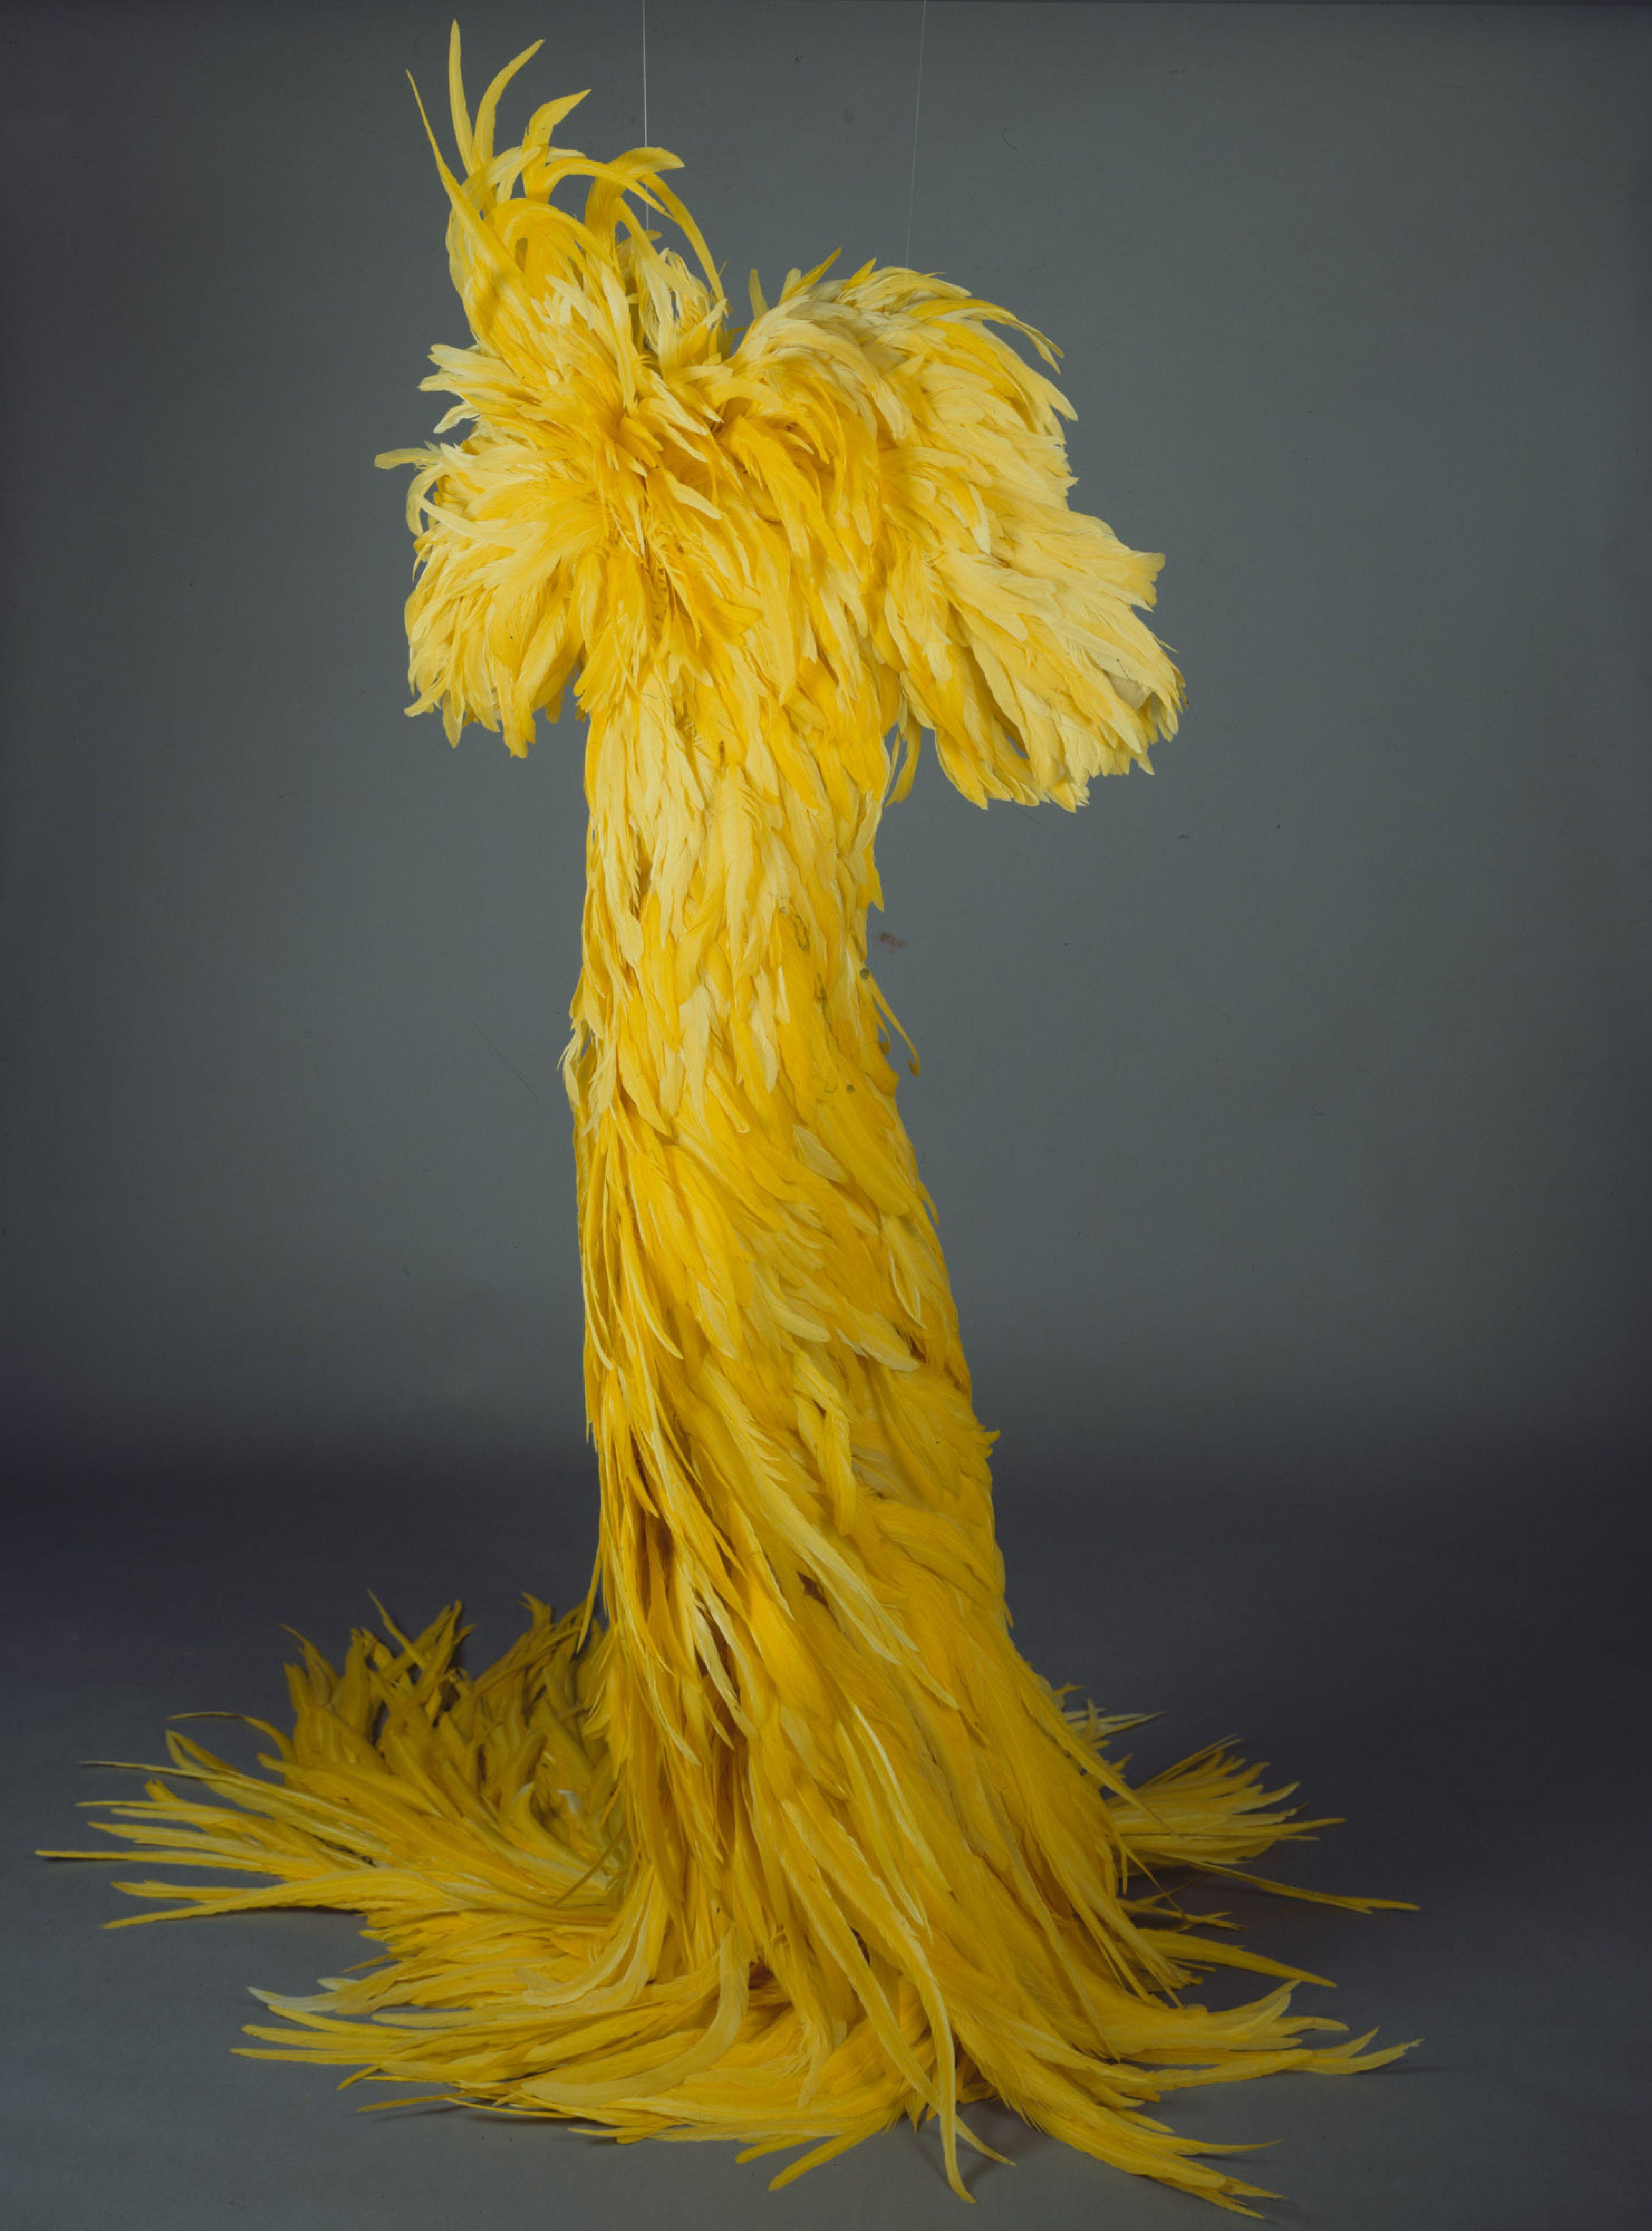 Showmantel aus gelben Hahnenfedern, Design: Jean Louis, Los Angeles, 1959